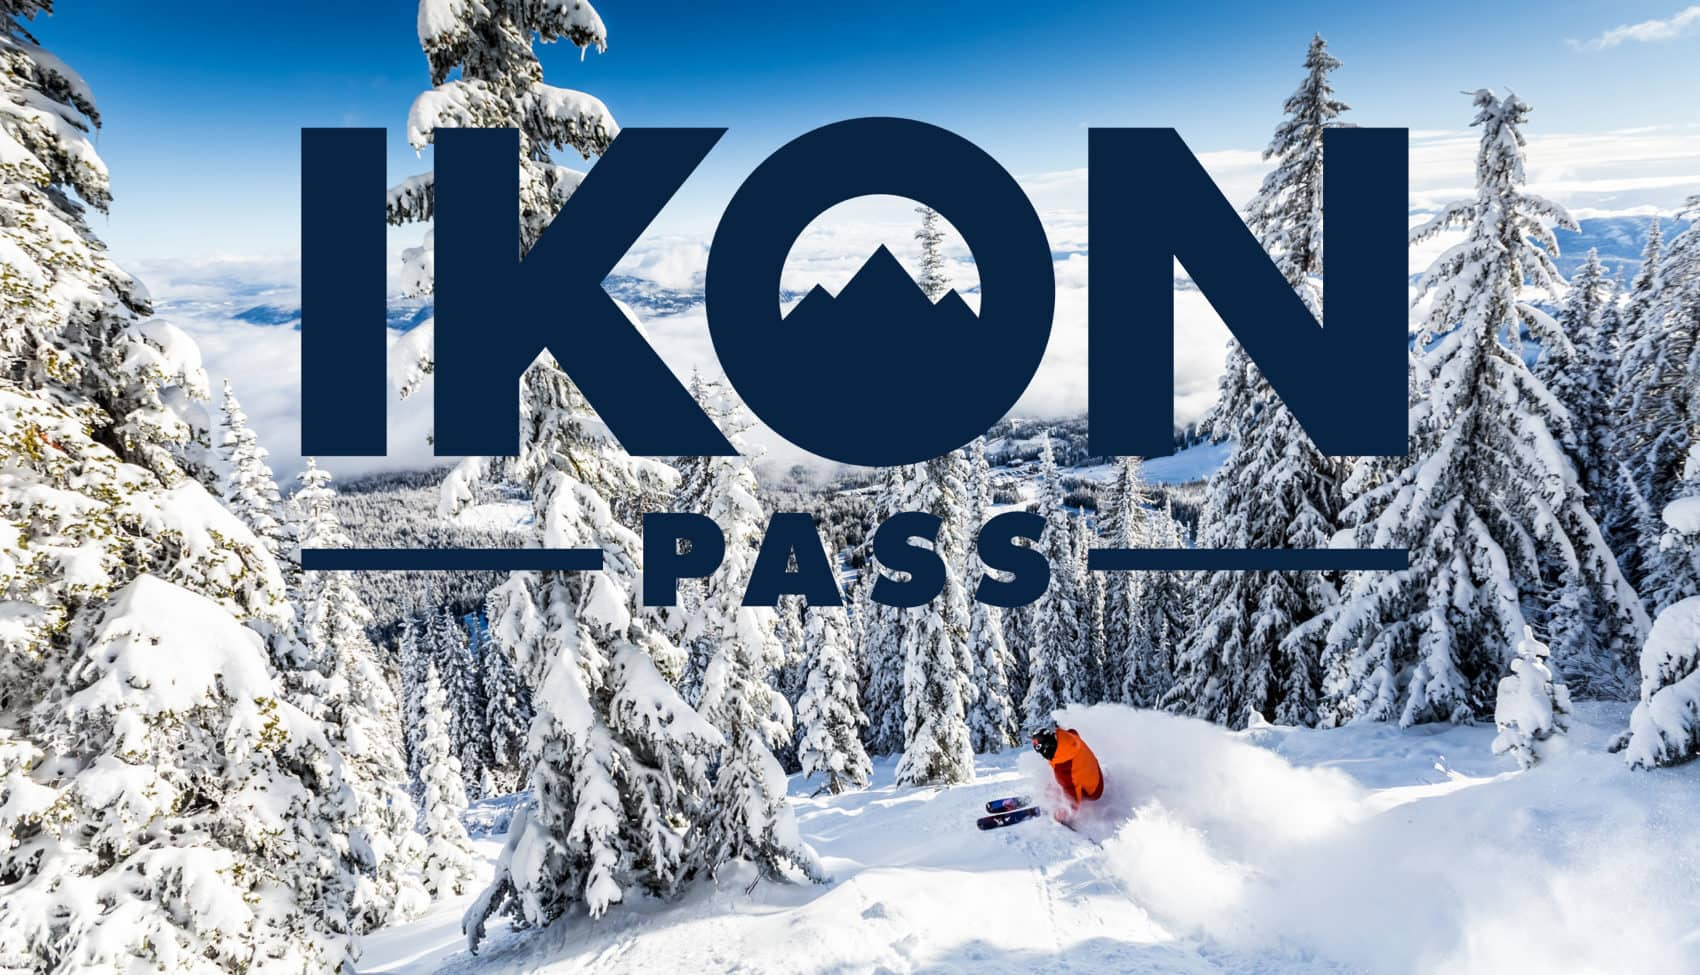 red mountain resort, British Columbia, Rossland, ikon pass,